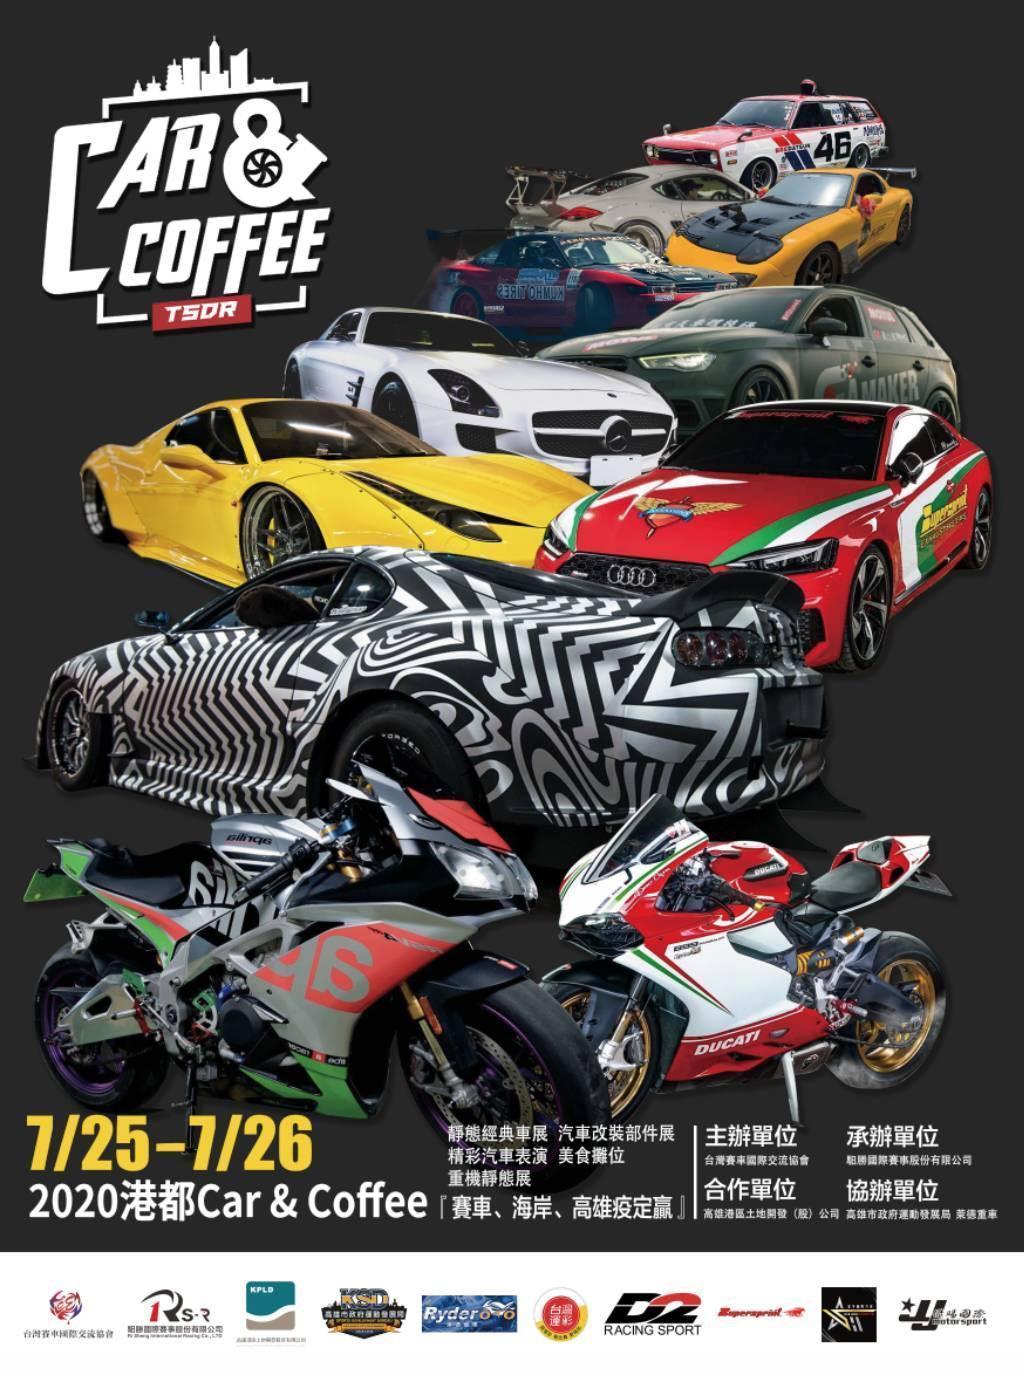 台灣賽車交流協會將在25、26號在高雄駁二辦車展,希望民眾共襄盛舉。(台灣賽車國際交流協會提供)